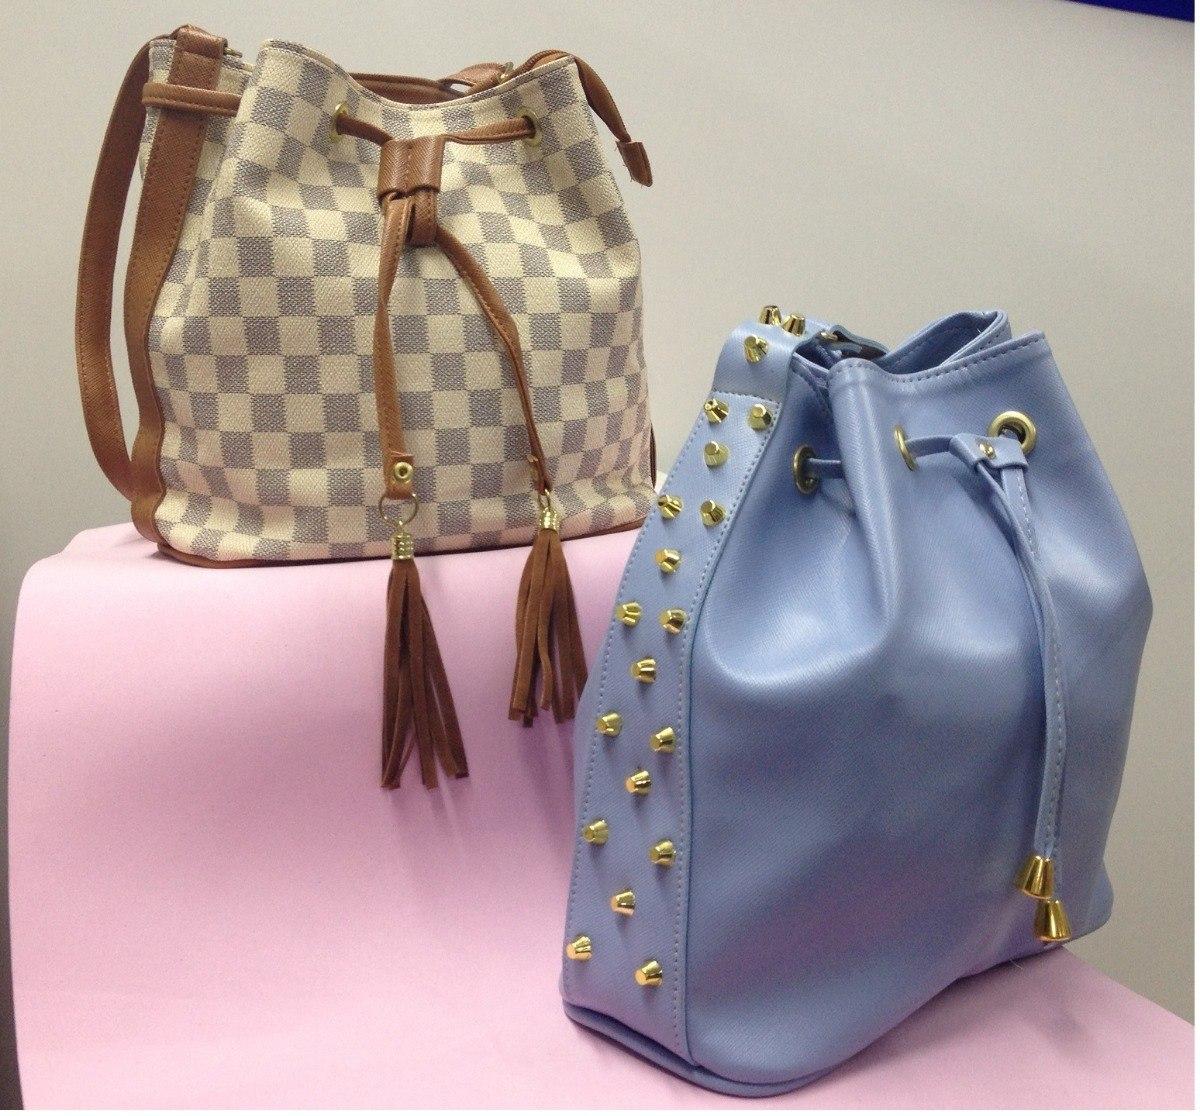 d480f773f bolsa feminina transversal saco marca famosa promoção. Carregando zoom.